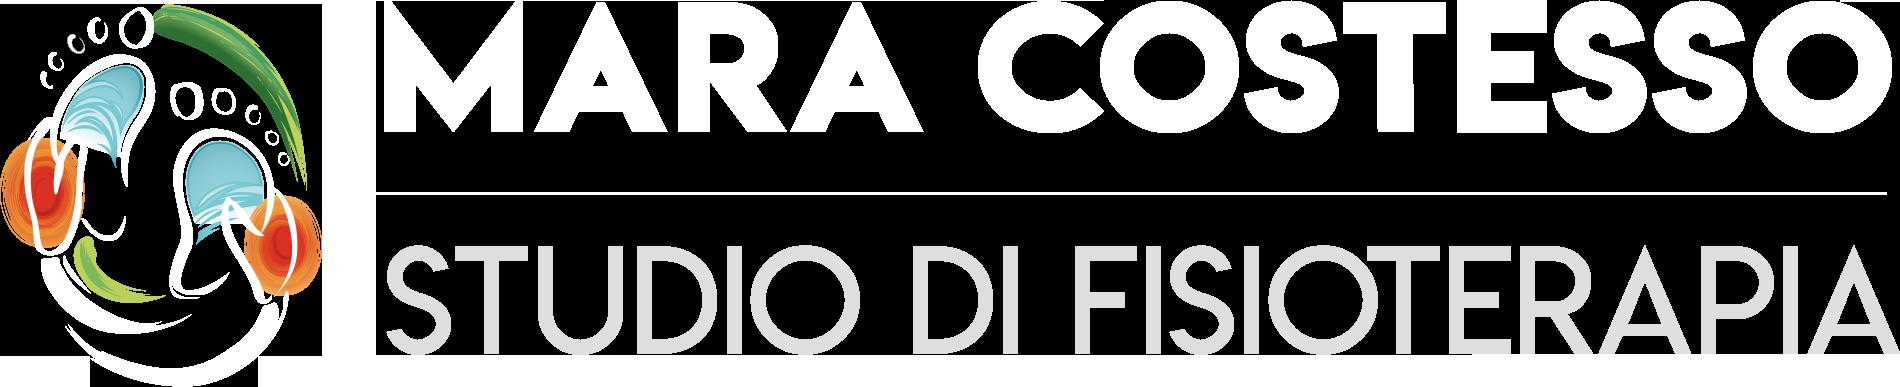 Mara Costesso